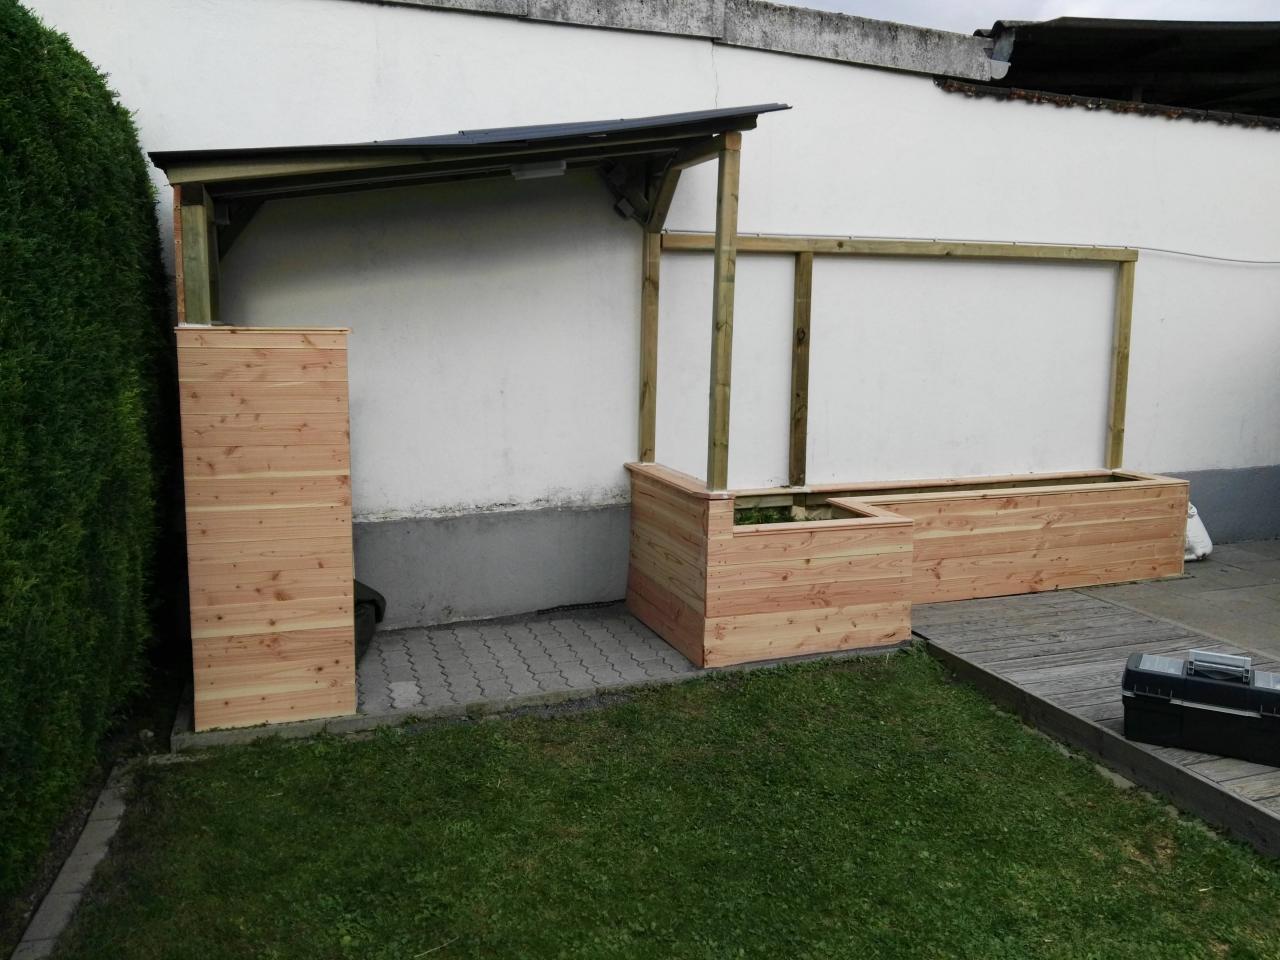 Sommerküche Selber Bauen : Sommerküche mit hochbeet bauanleitung zum selberbauen do